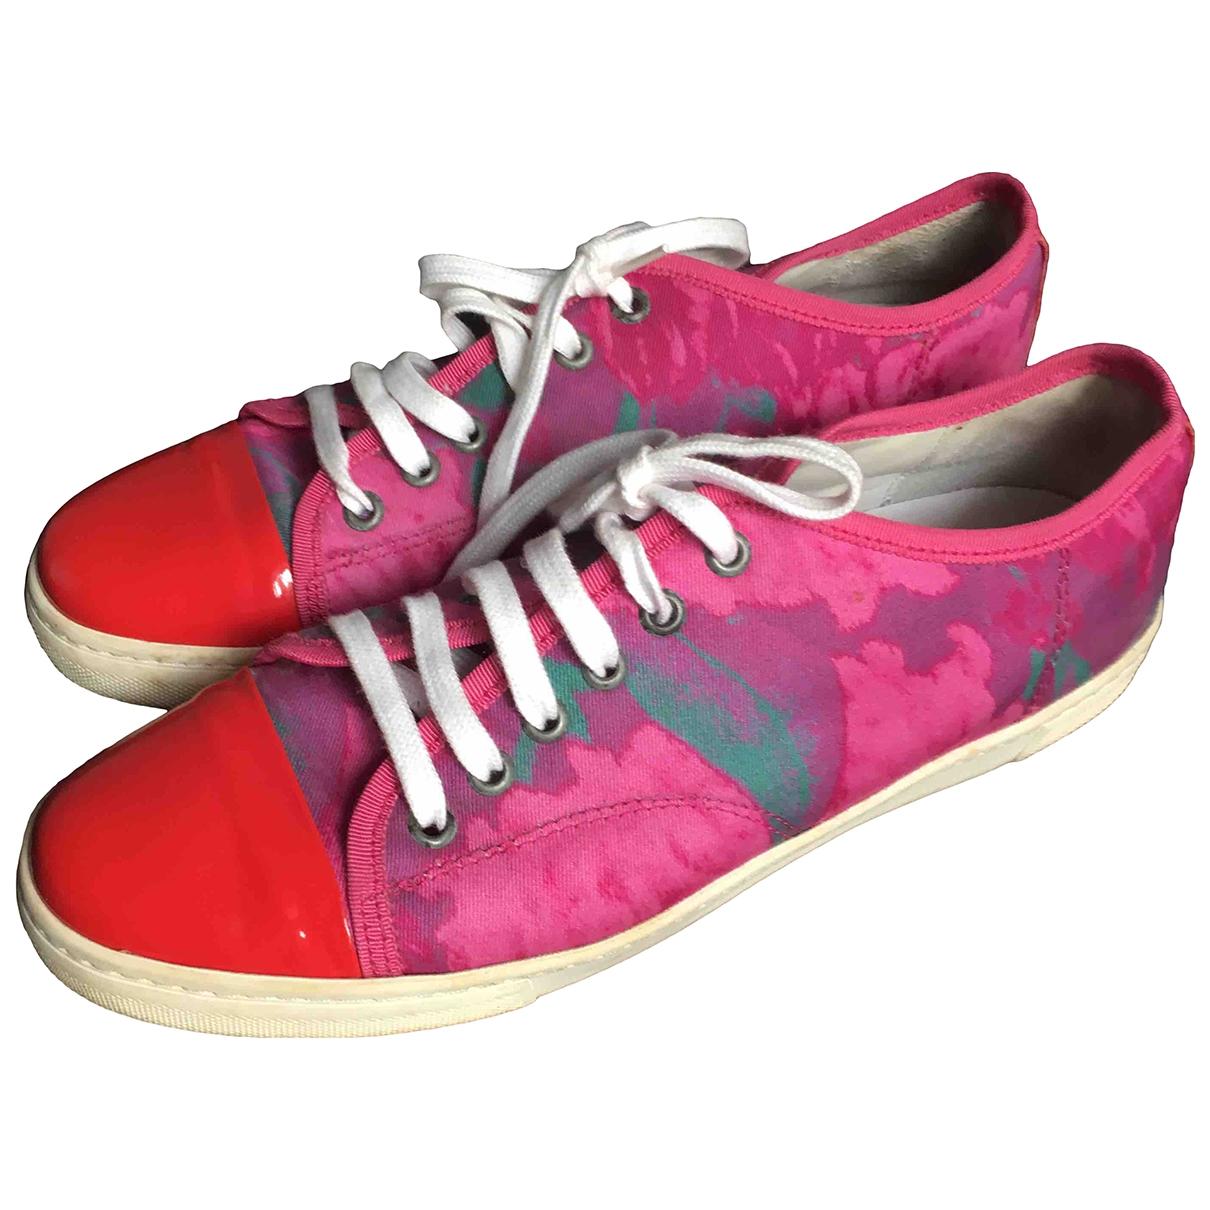 Lanvin \N Sneakers in  Rot Leinen